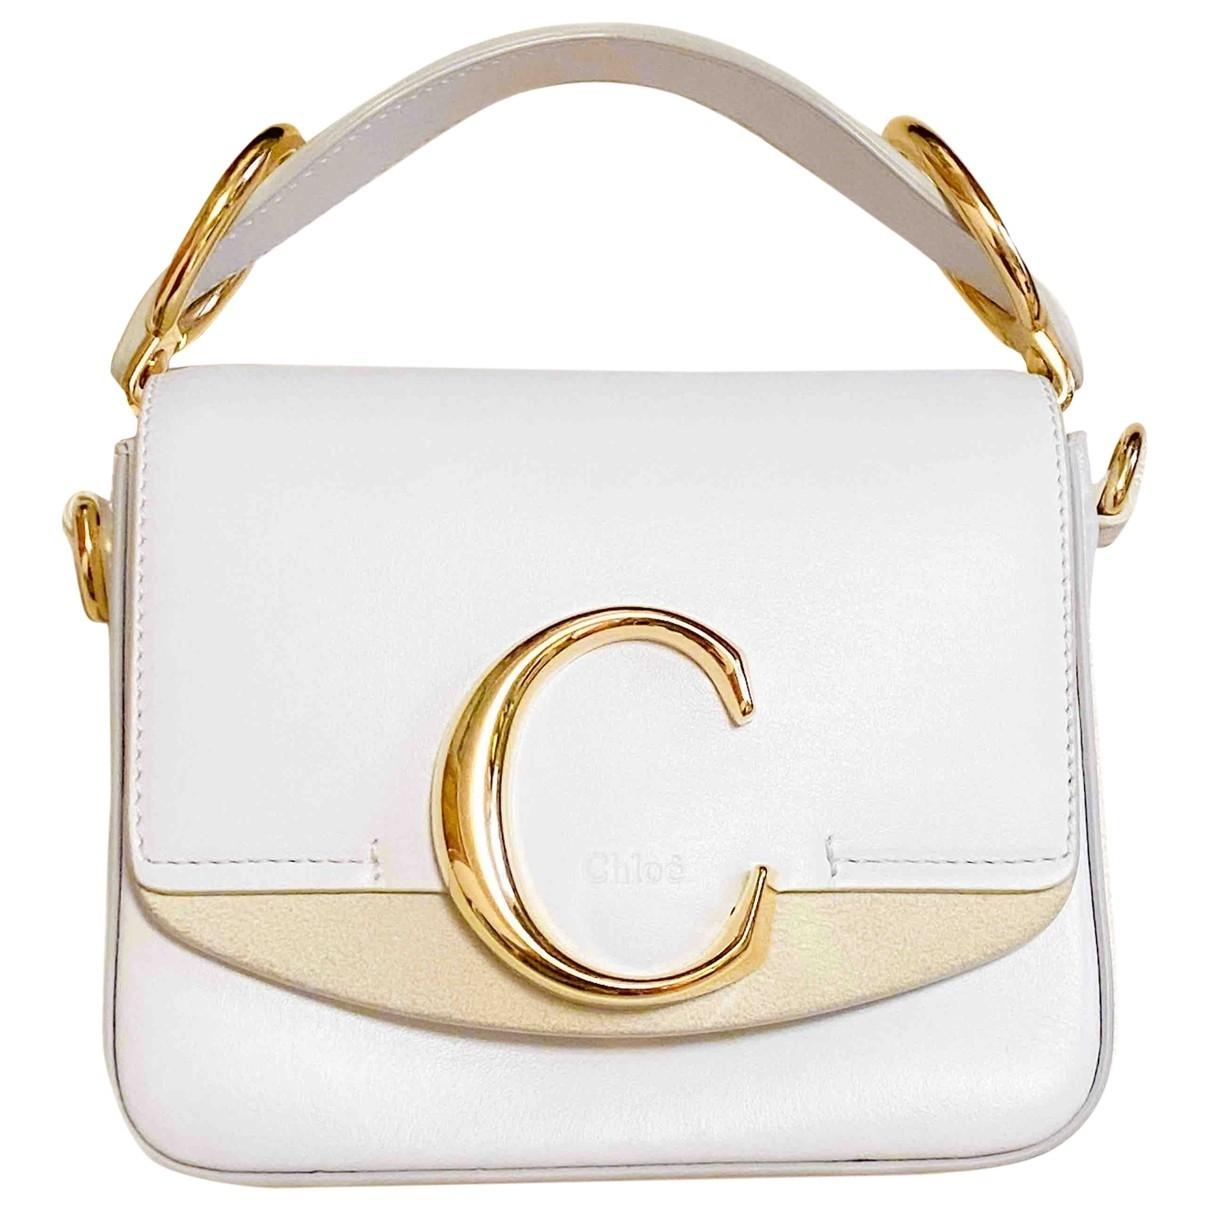 Chloé C White Leather handbag for Women \N